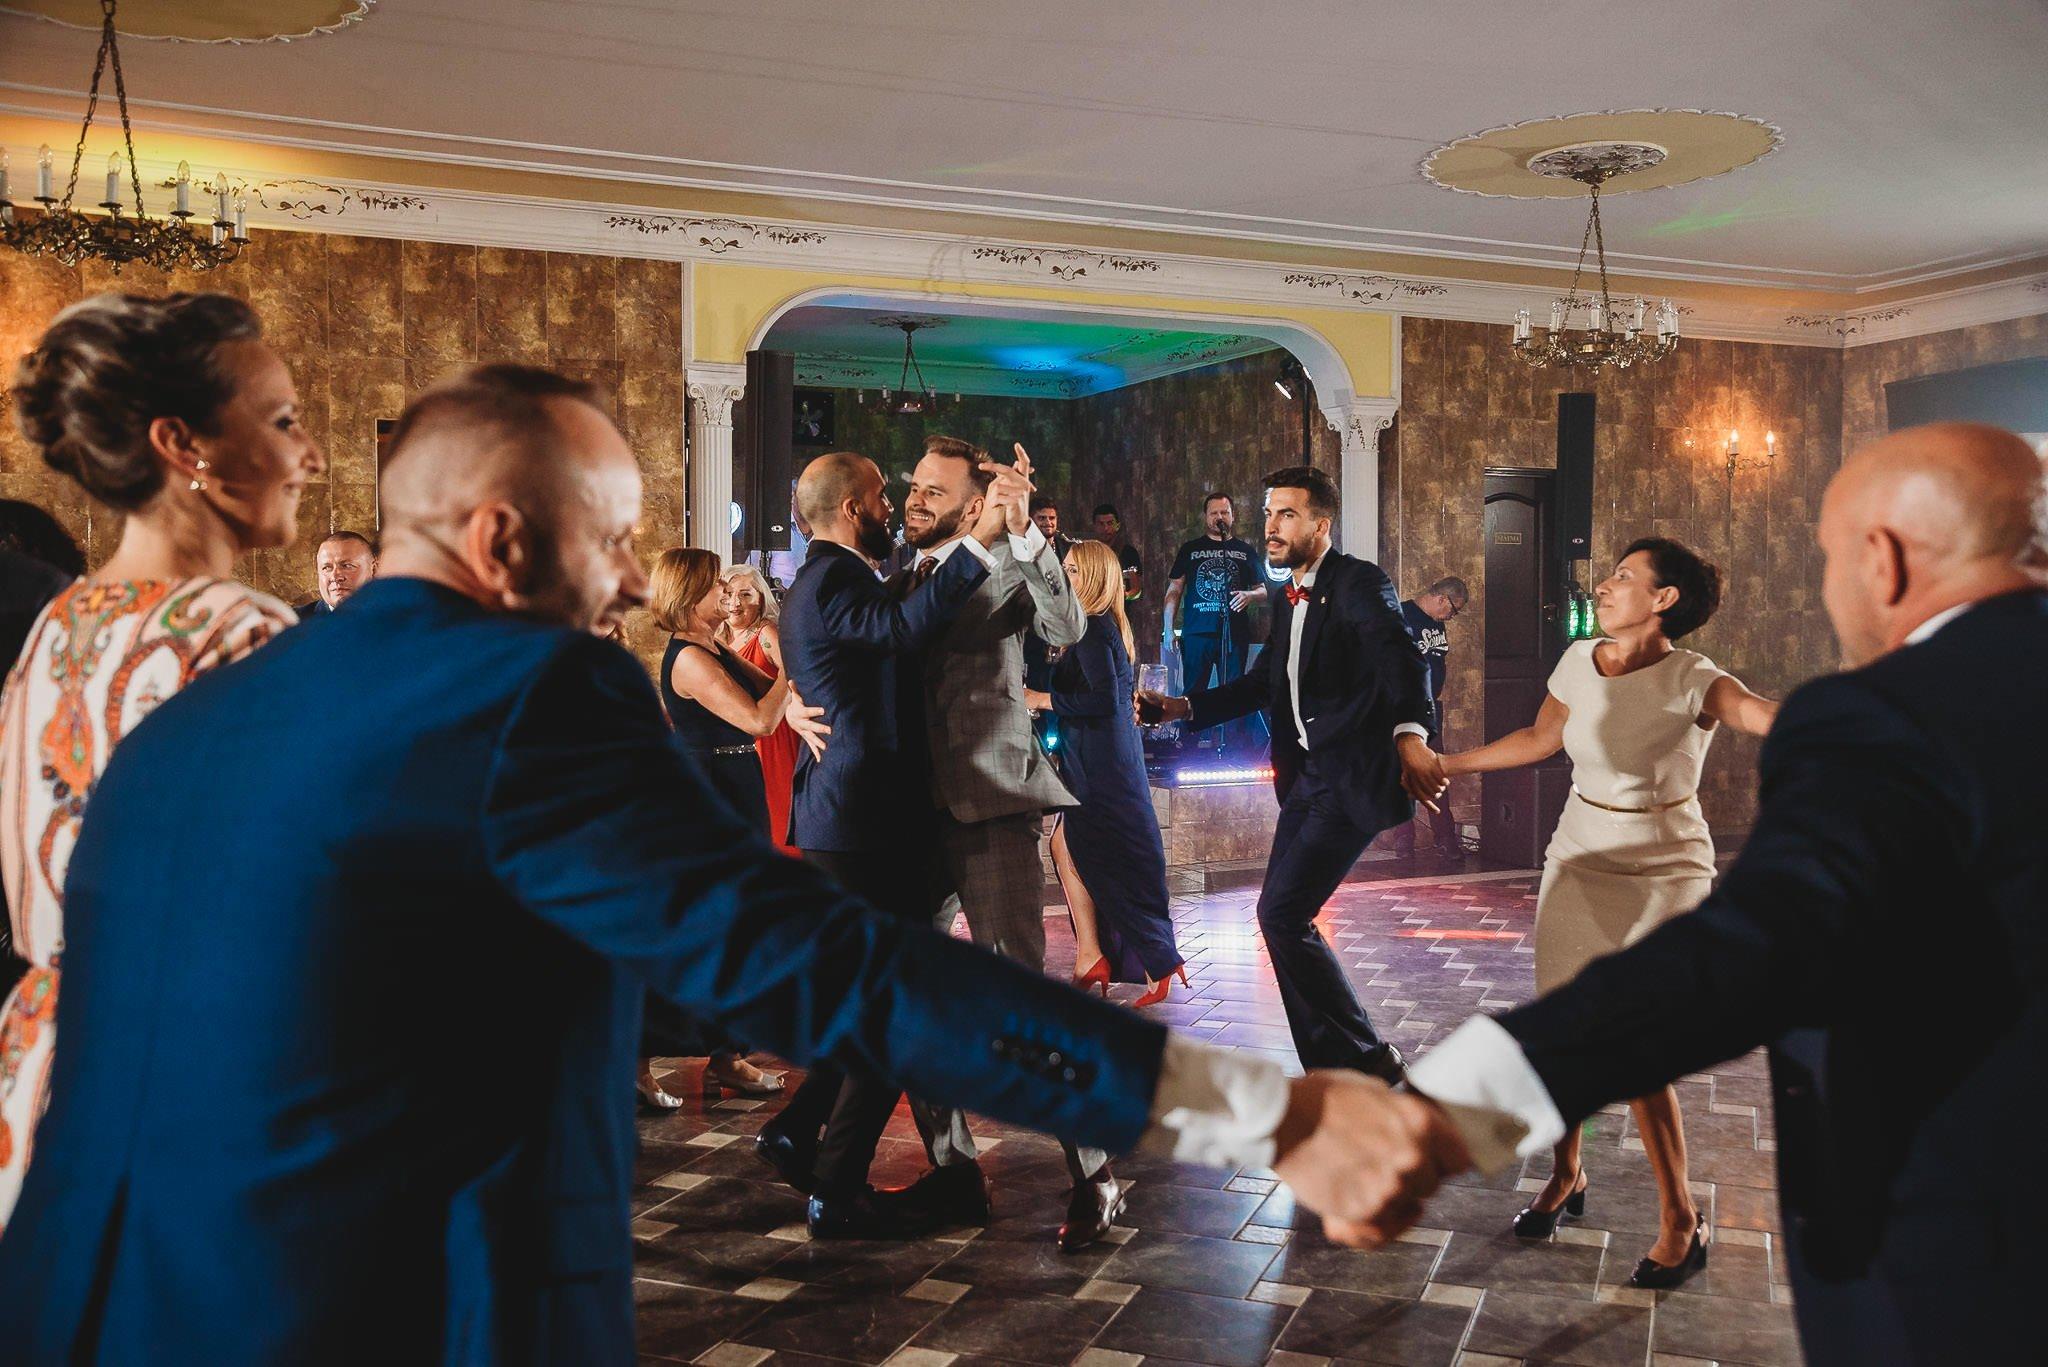 panowie tańczą, zabawa weselna, ślub,